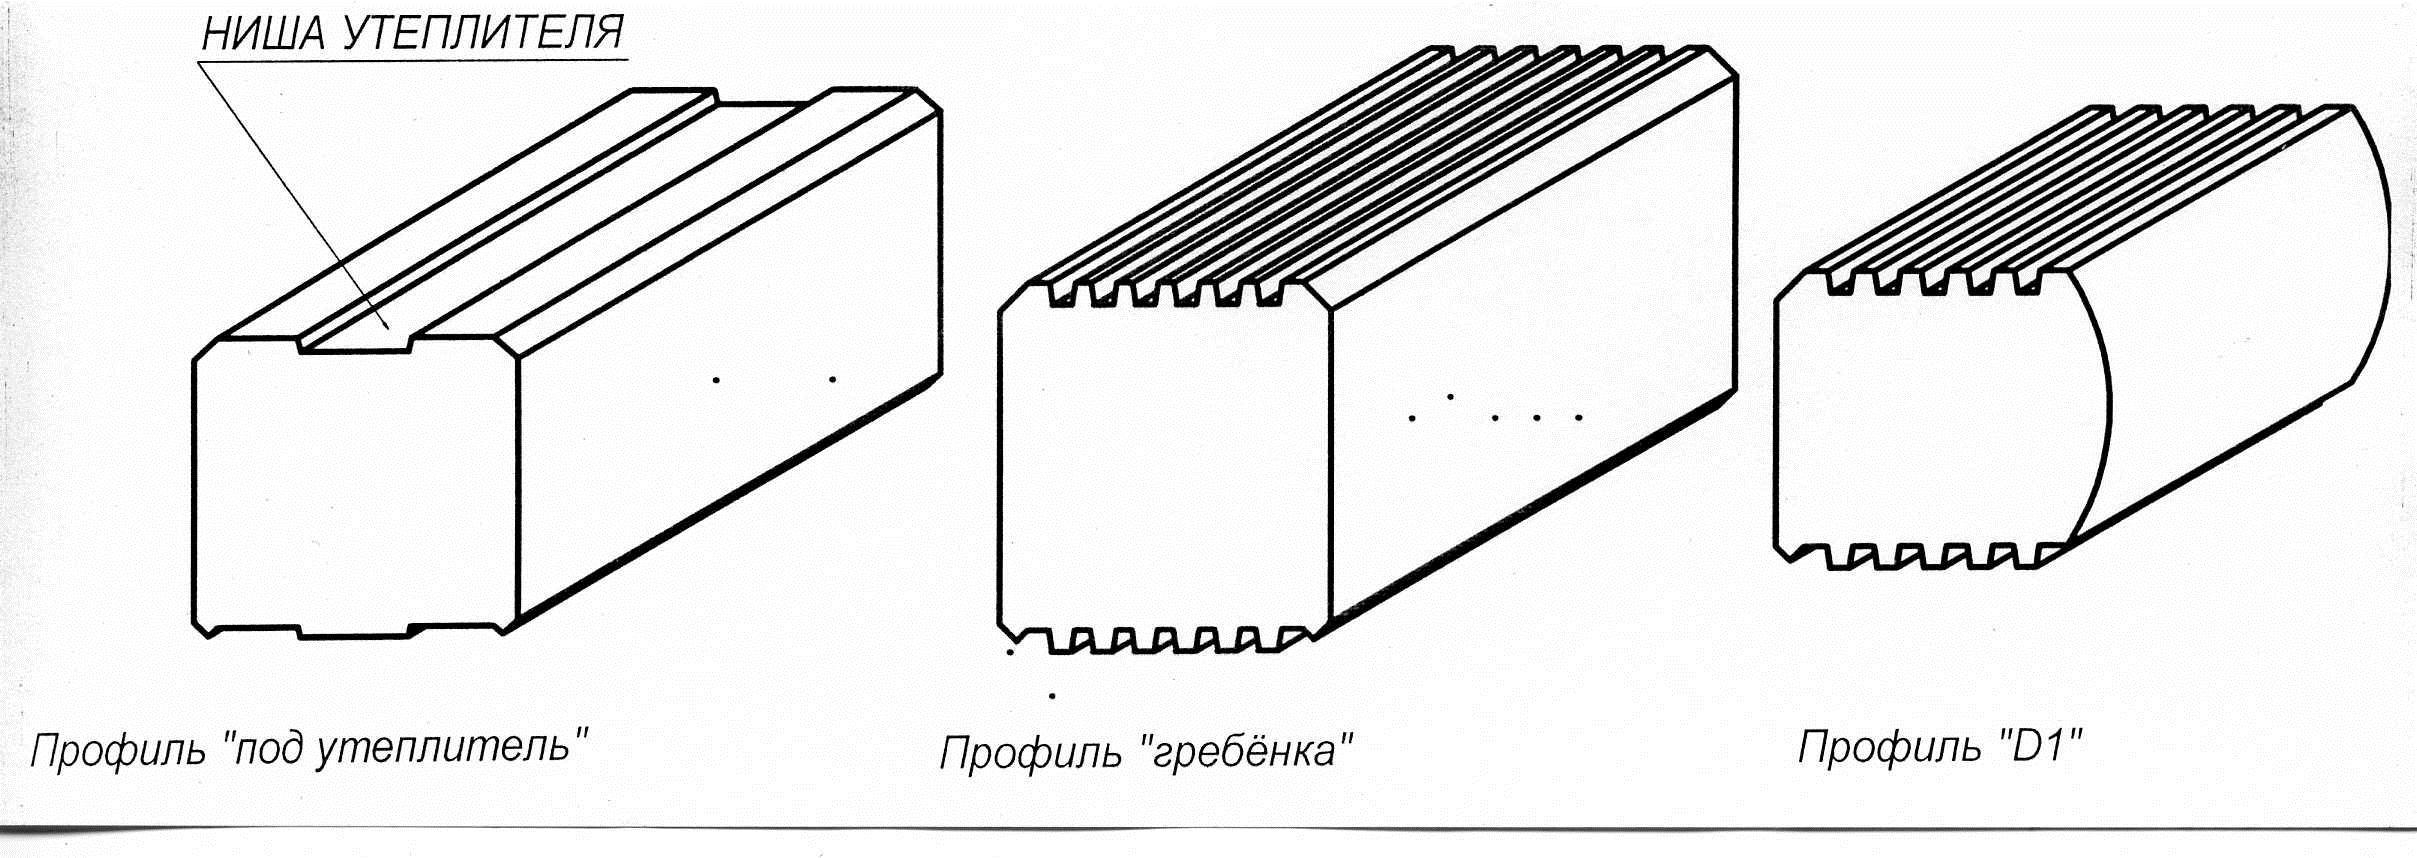 Типы деревянного бруса